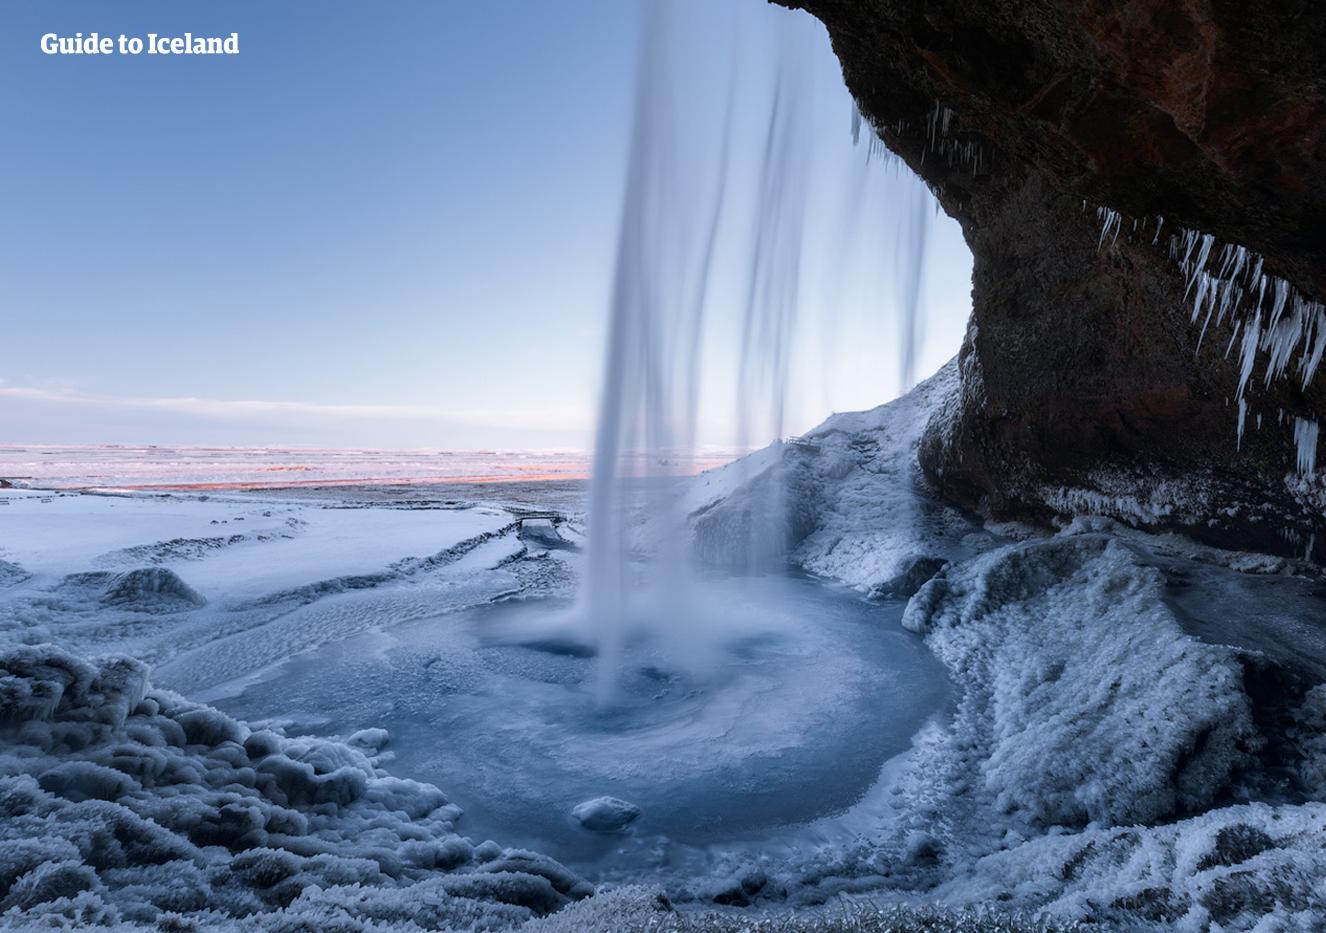 塞里雅兰瀑布在冬季结满了冰